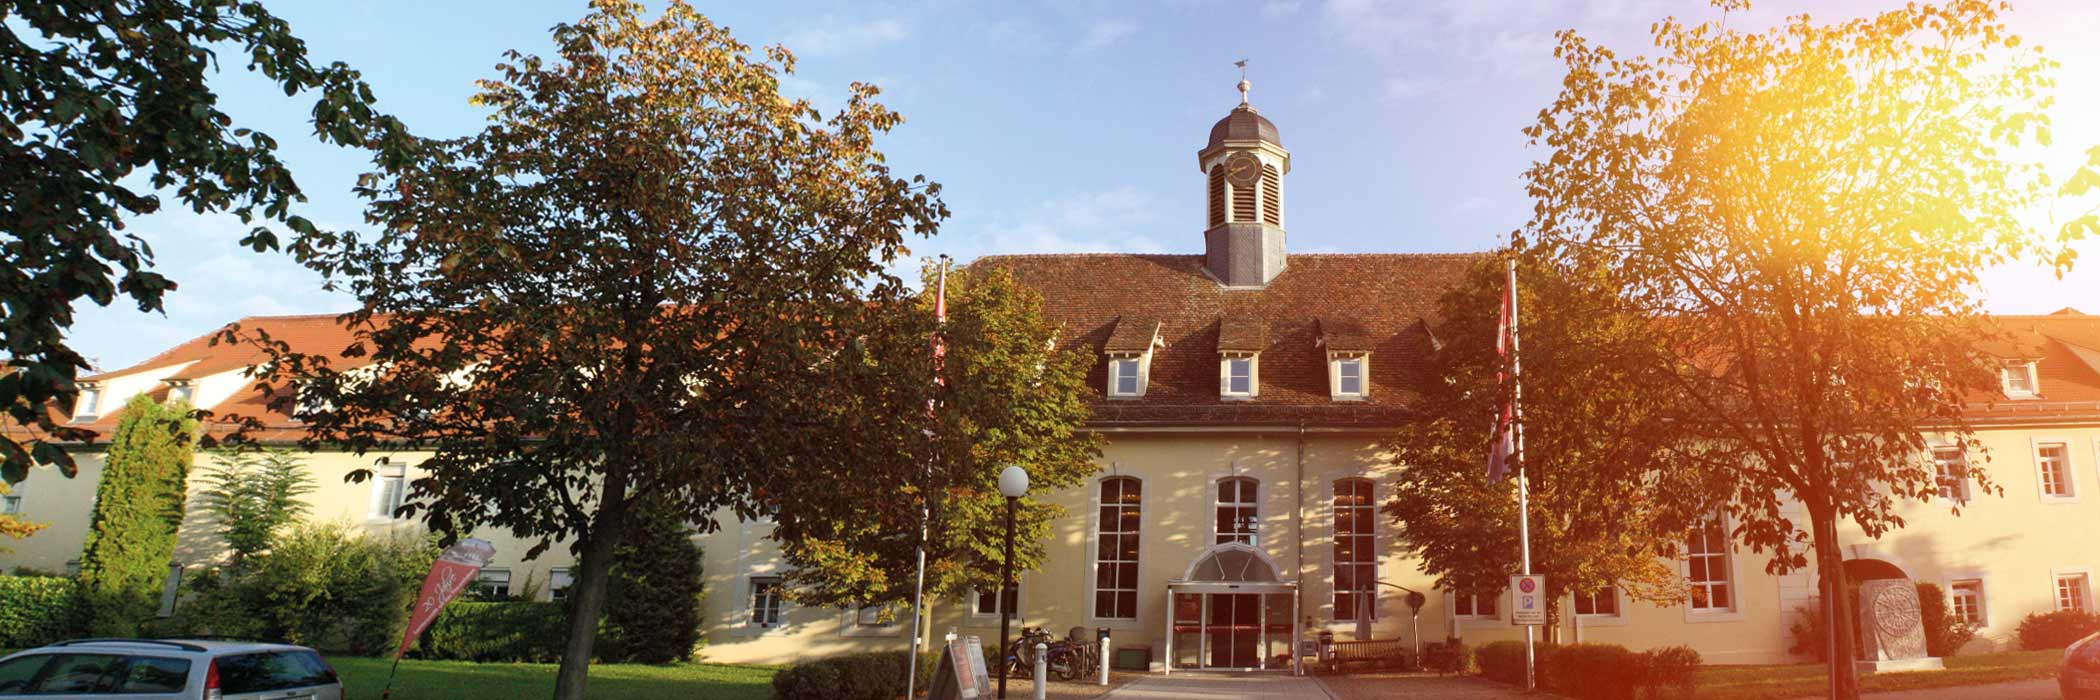 Willkommen im Seniorenstift Ludwigsburg